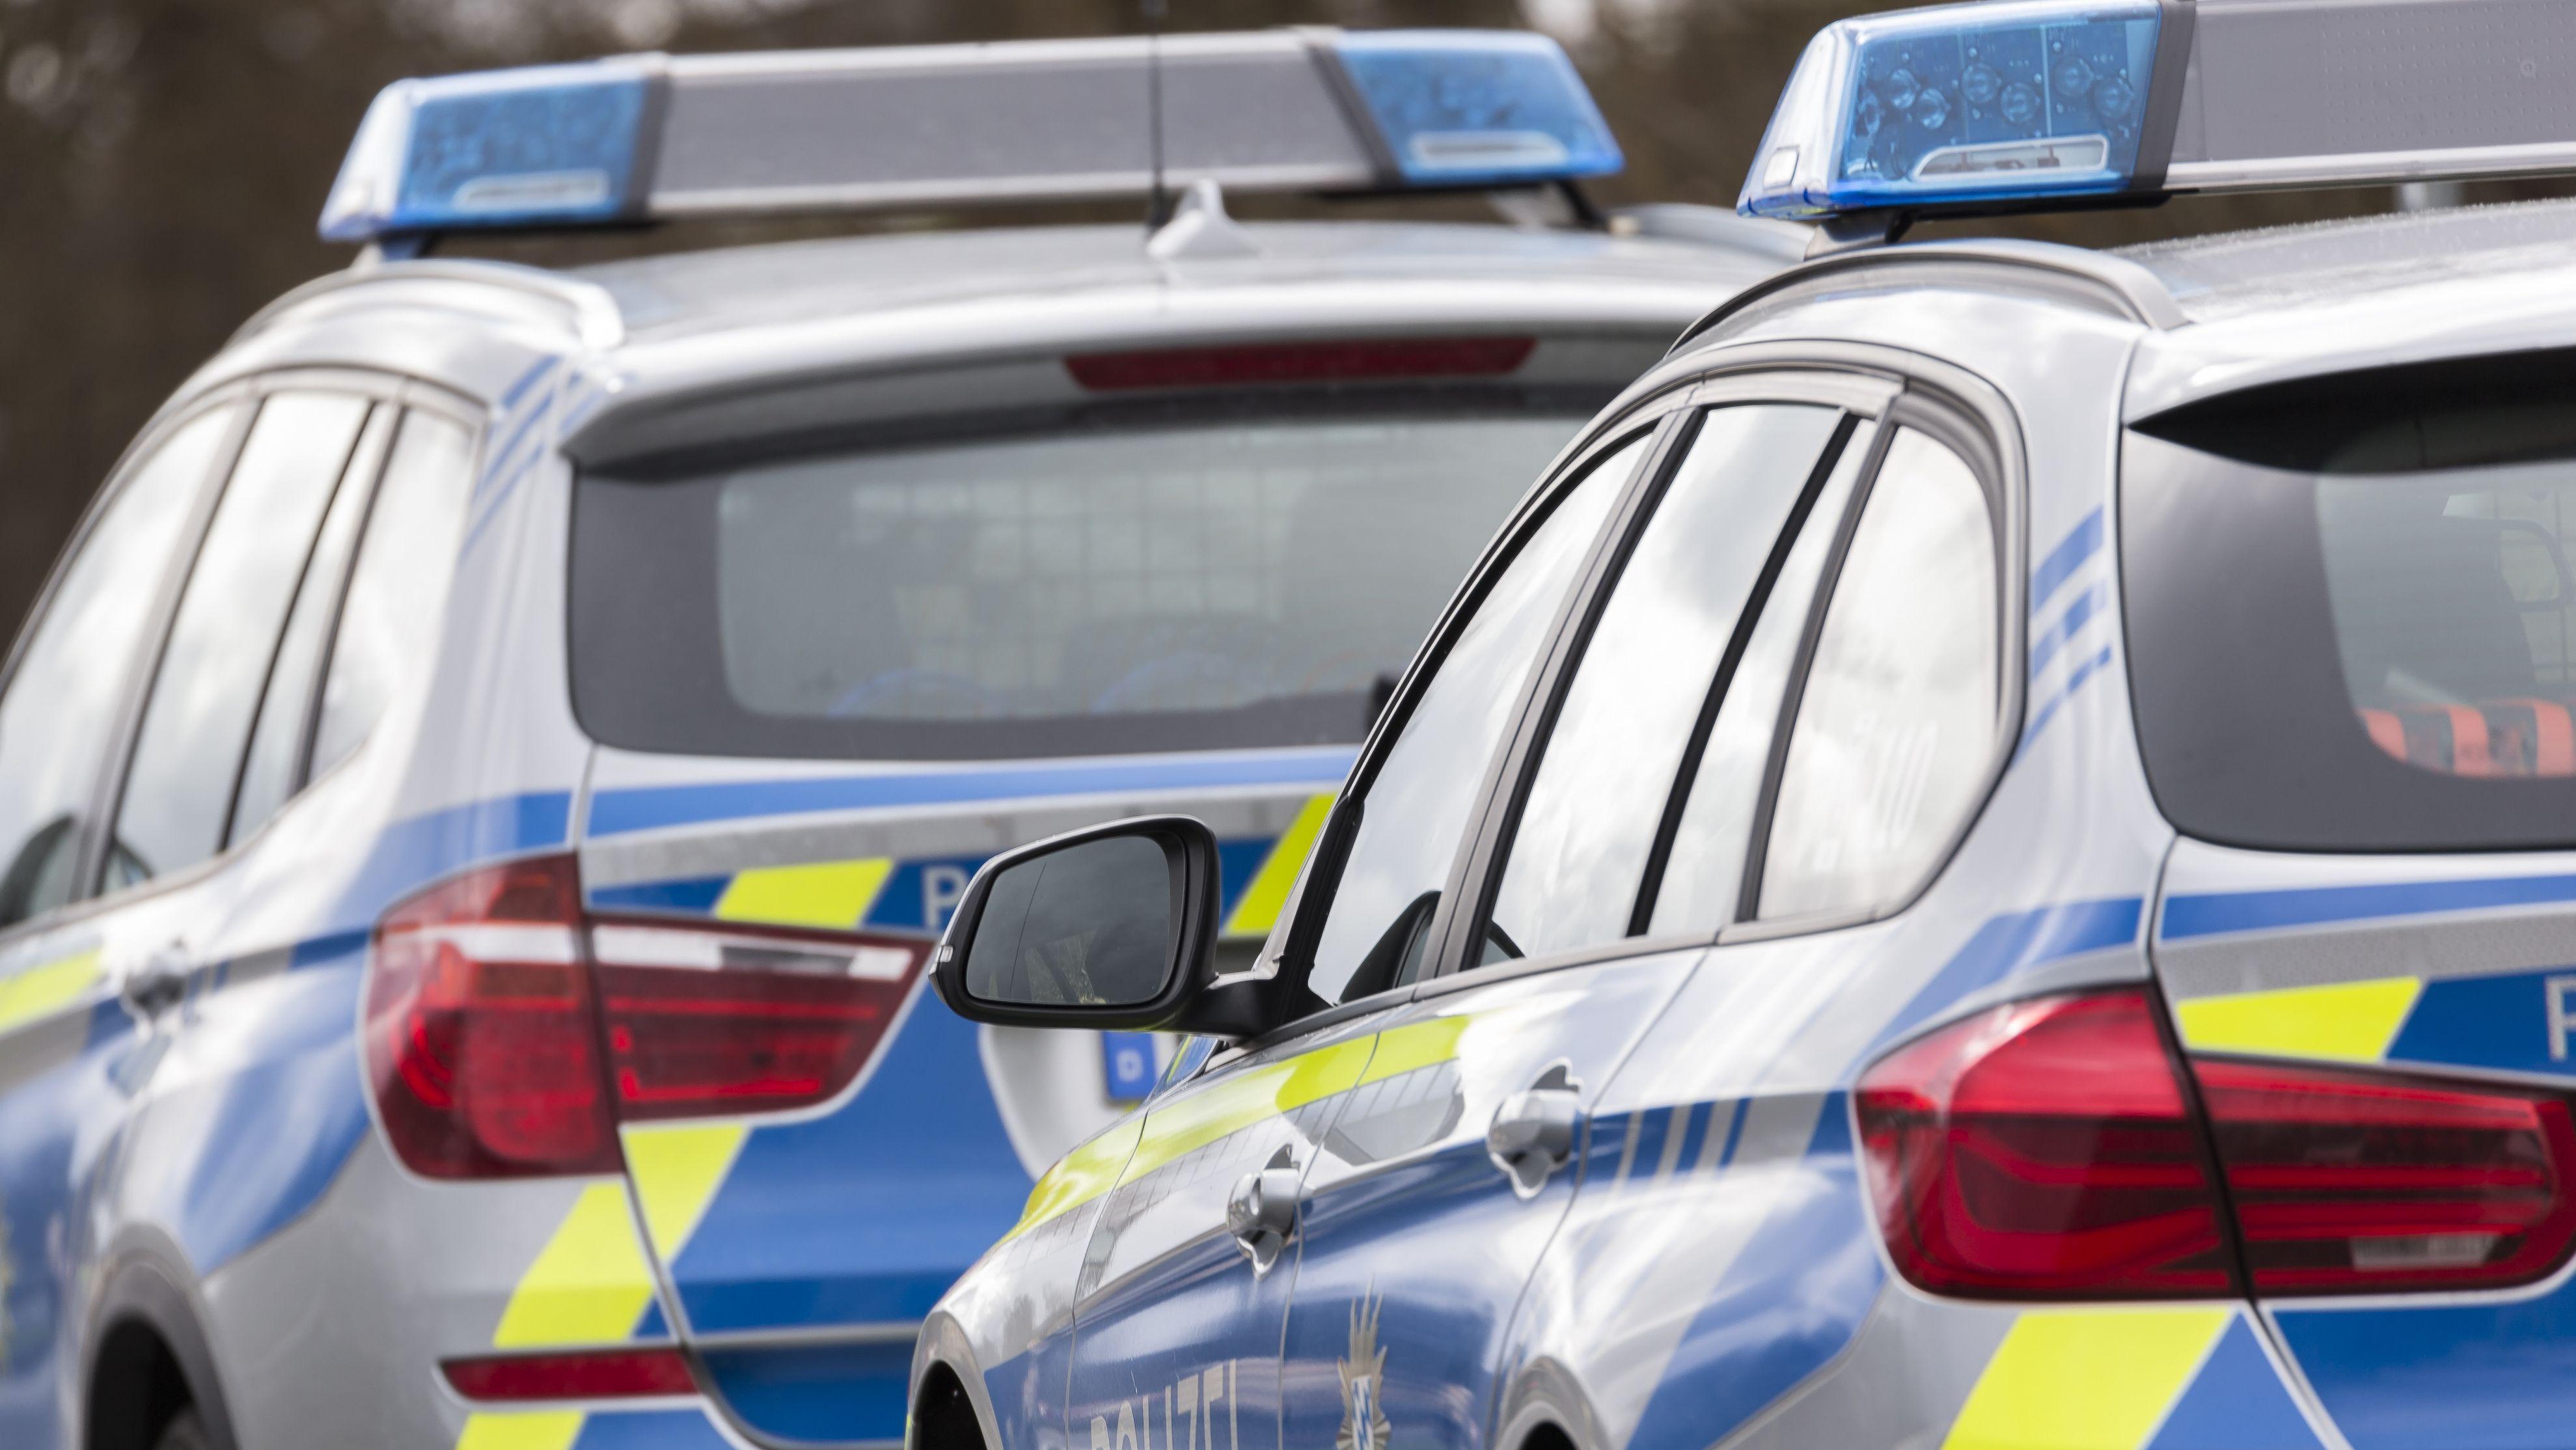 Die Polizei war nach dem Fehlalarm mit insgesamt acht Streifenwagen ausgerückt.